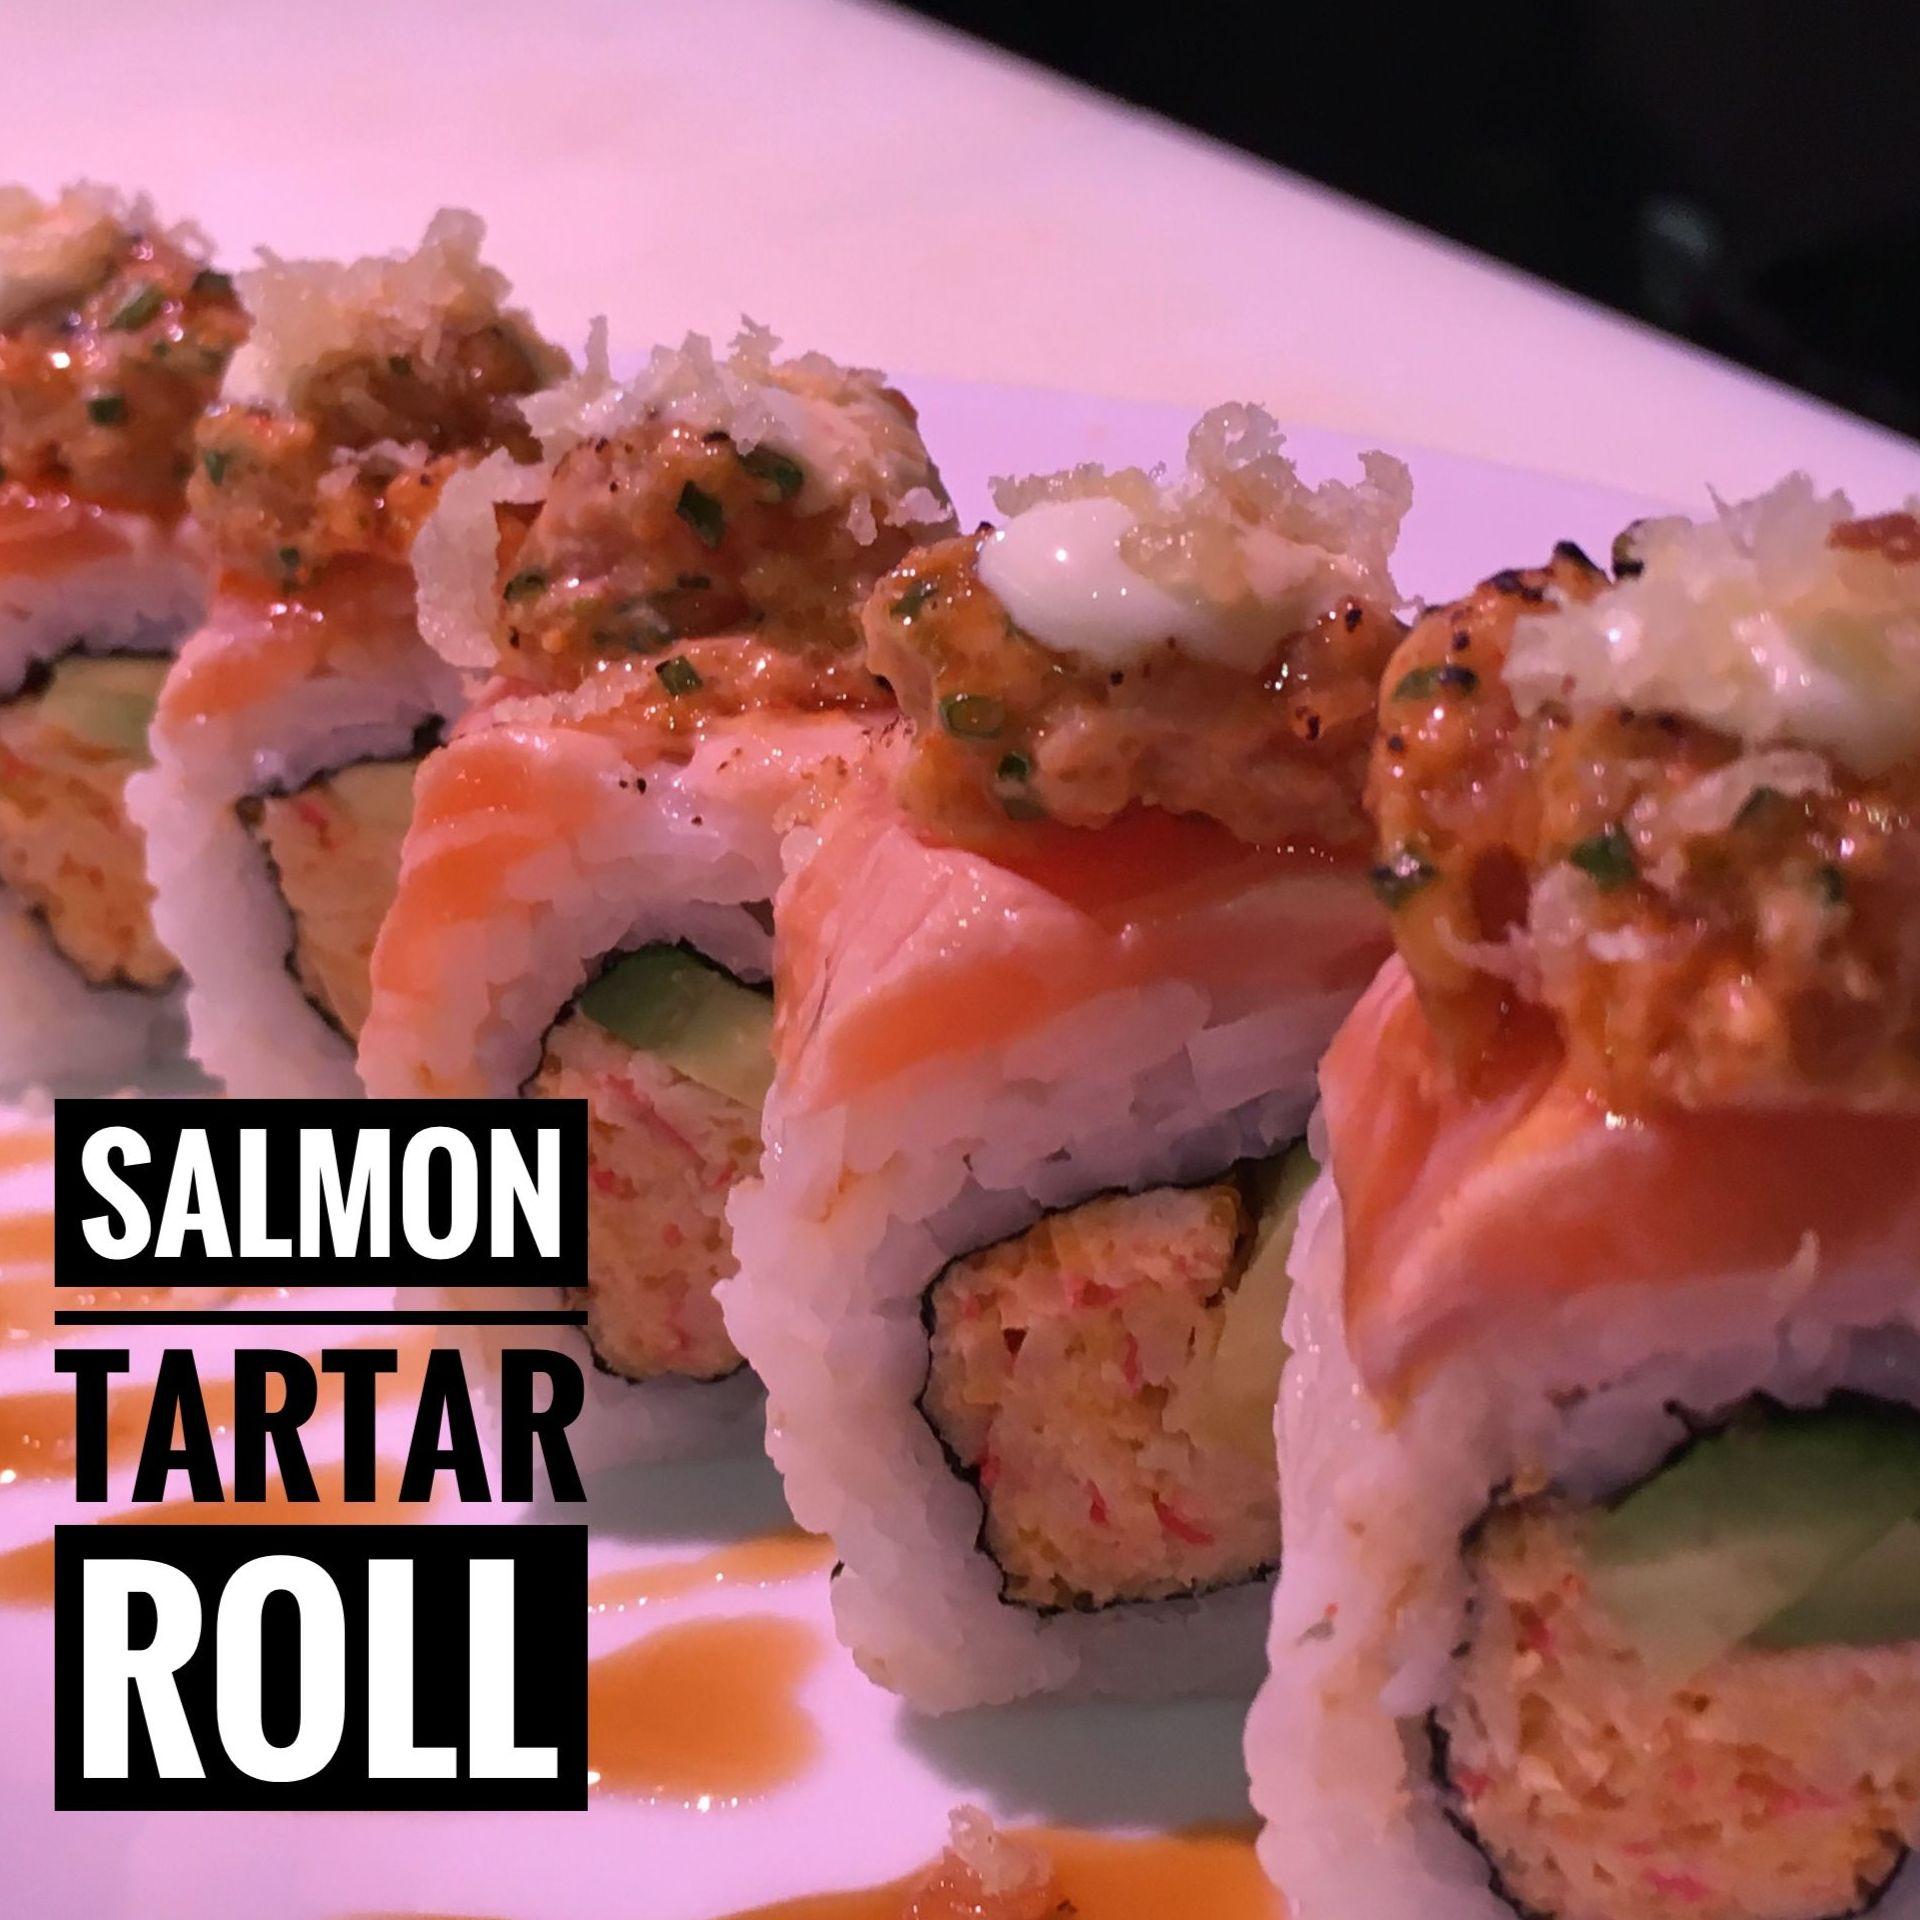 Salmón Tartar Roll